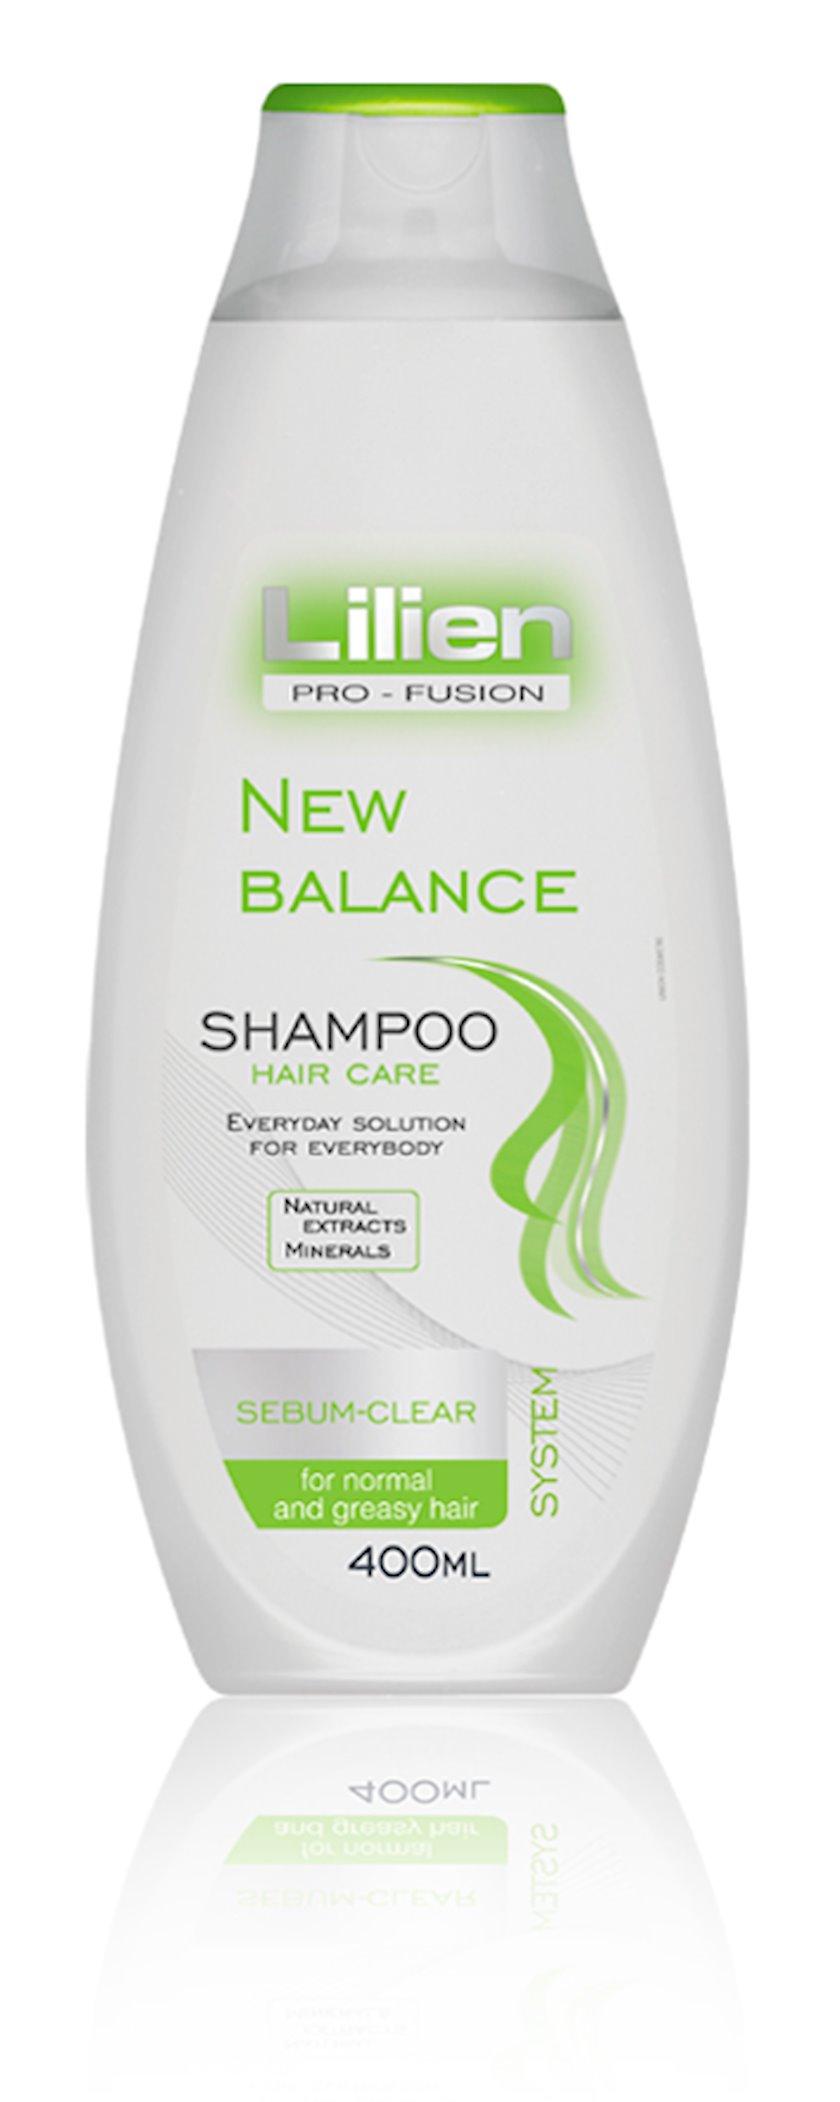 Saç şampunu Lilien Balans bərpası 400 ml